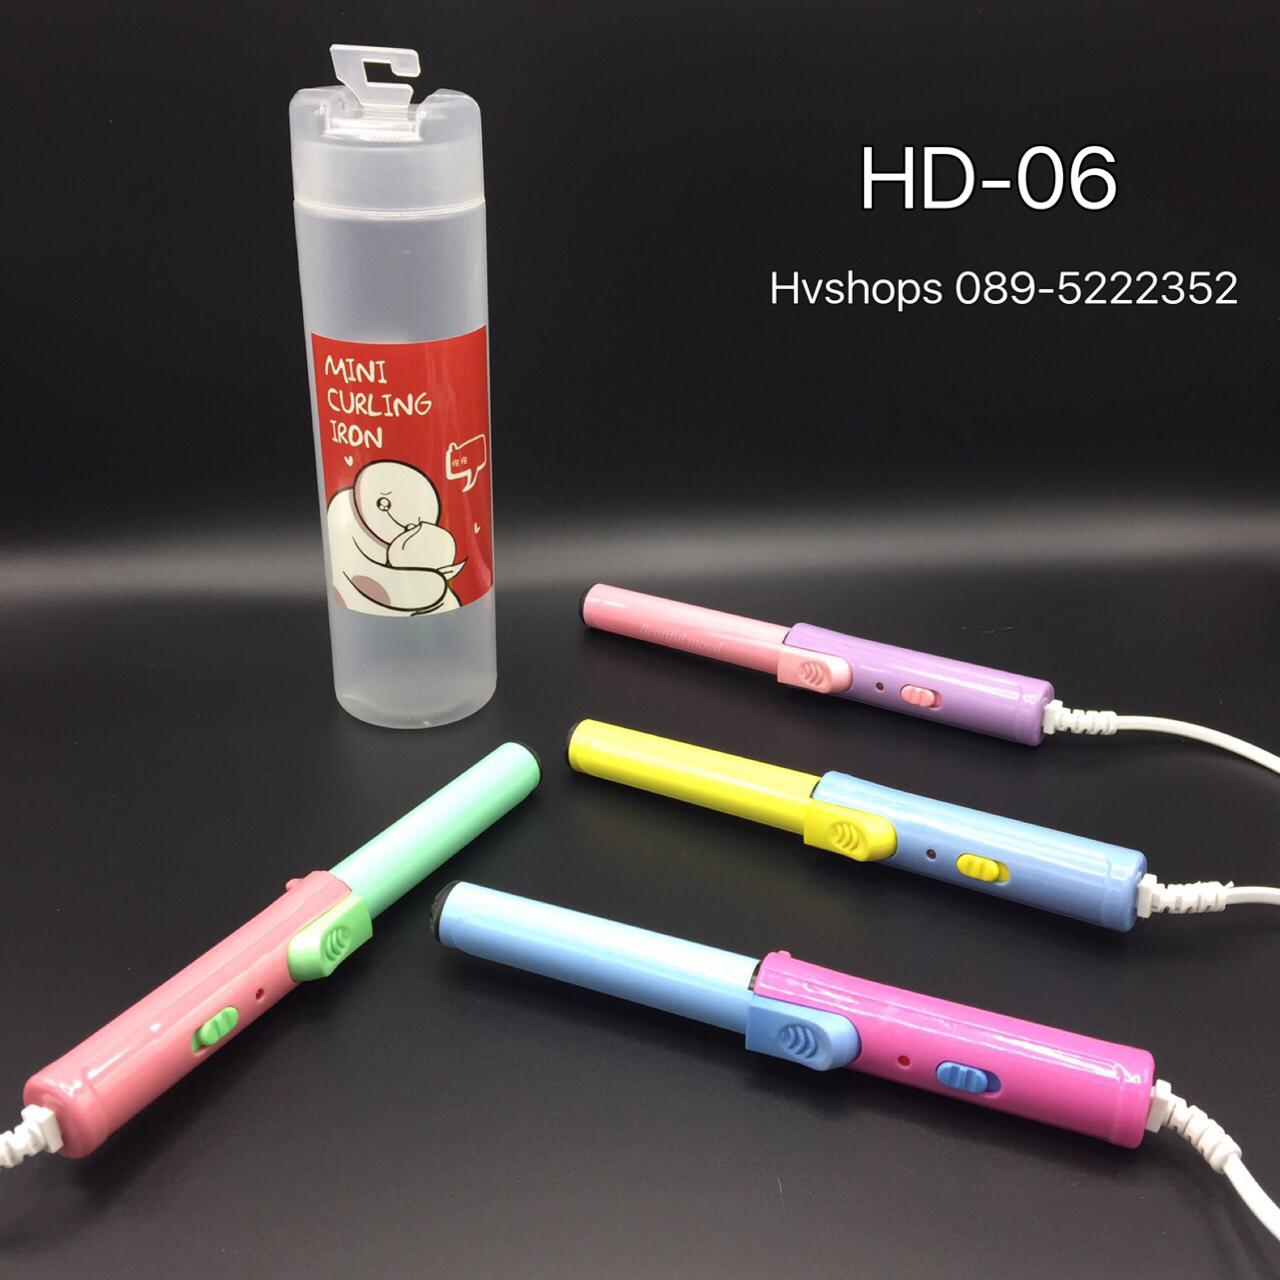 เครื่องม้วนลอน Mini Curling Iron HD-06